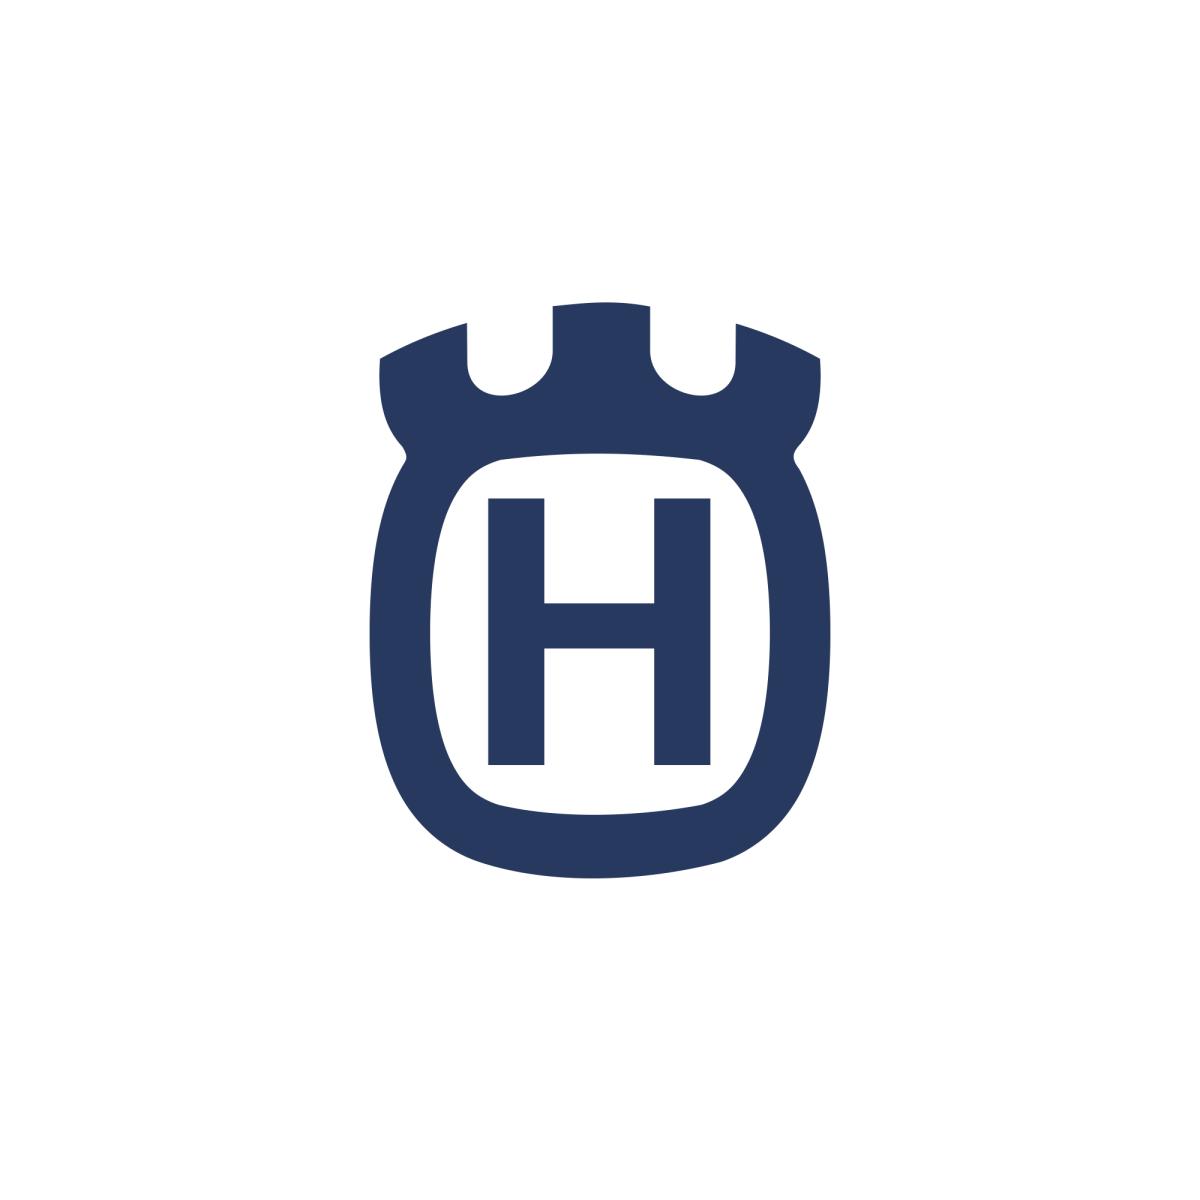 Husqvarna Logo Svg Husqvarna Letter Logo H Logos